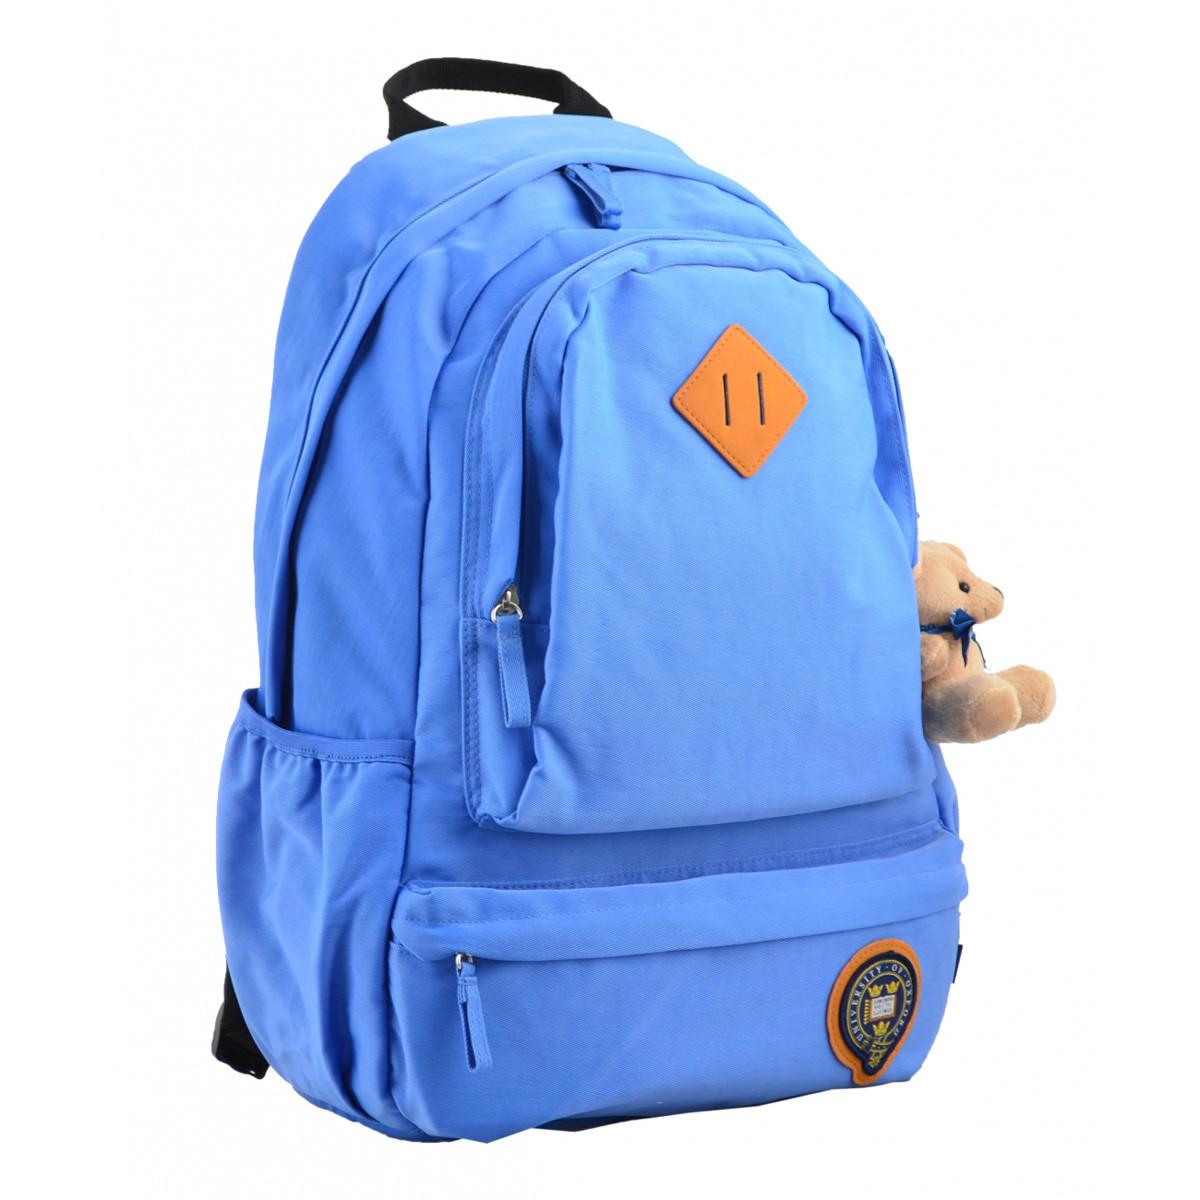 Рюкзак молодежный YES OX 353, 46*29.5*13.5, голубой 555626